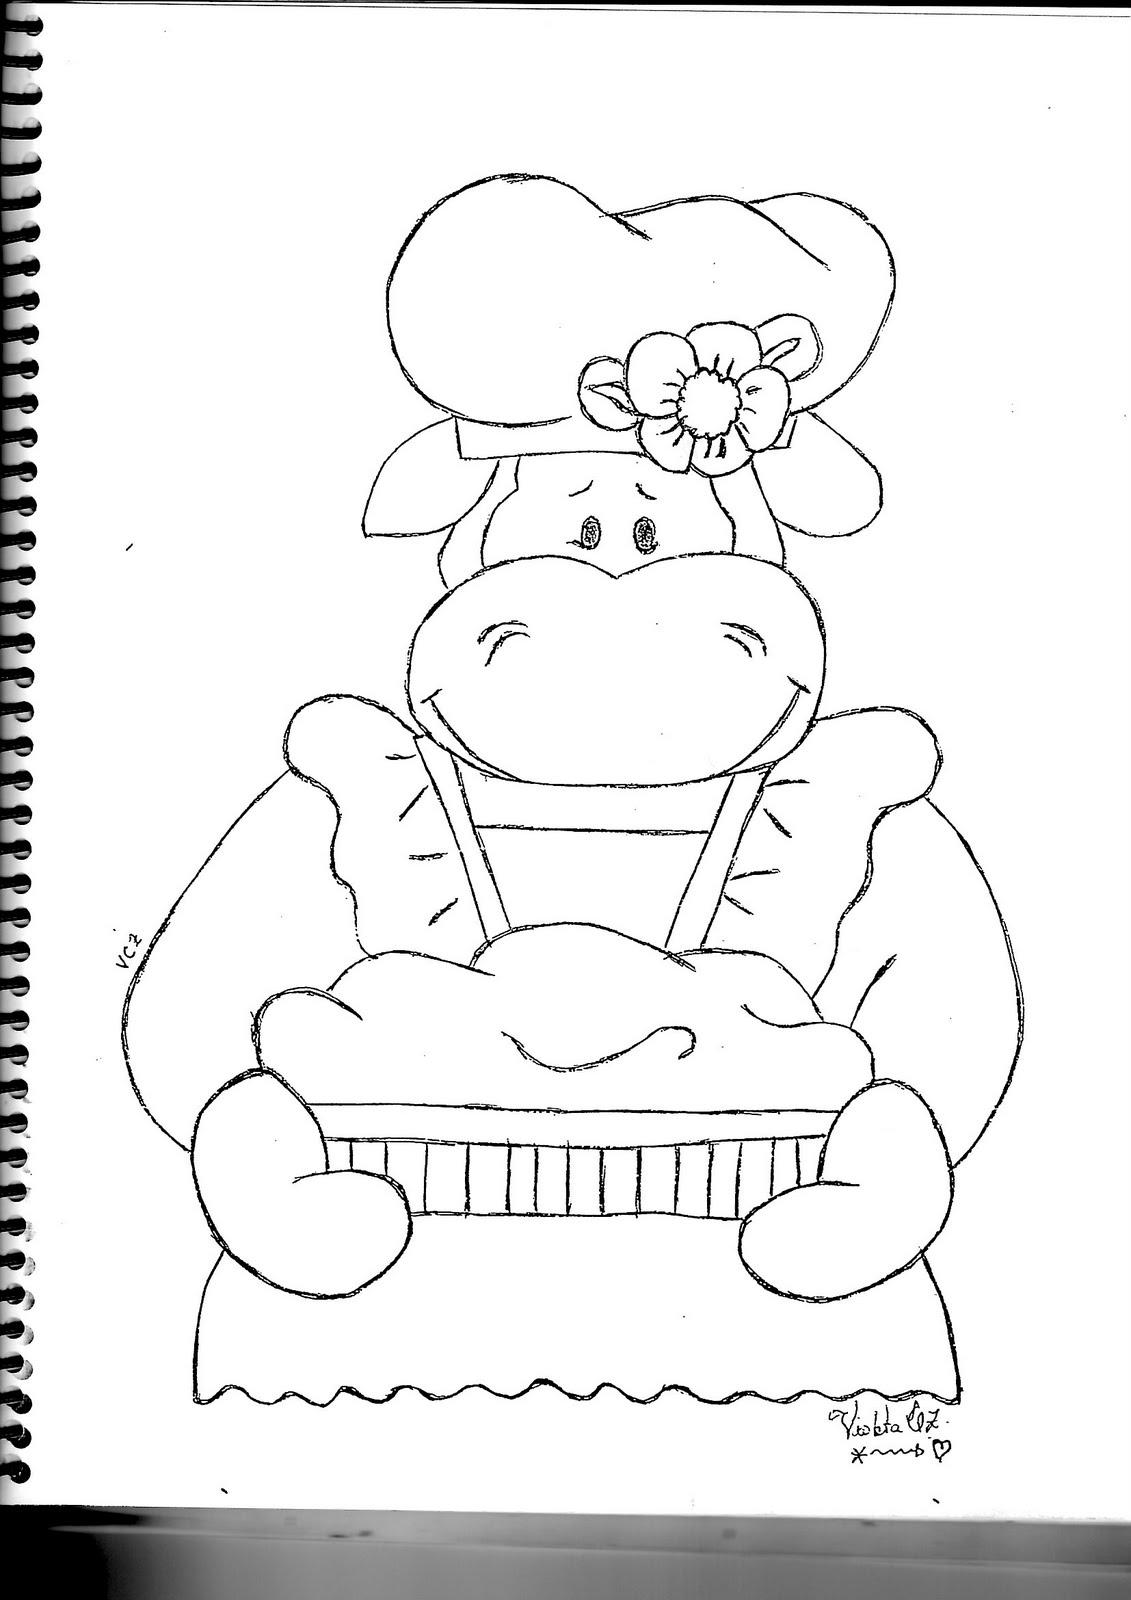 Dibujos Para Cocina. Utensilios De Cocina Bosquejo De Dibujo Para Su ...